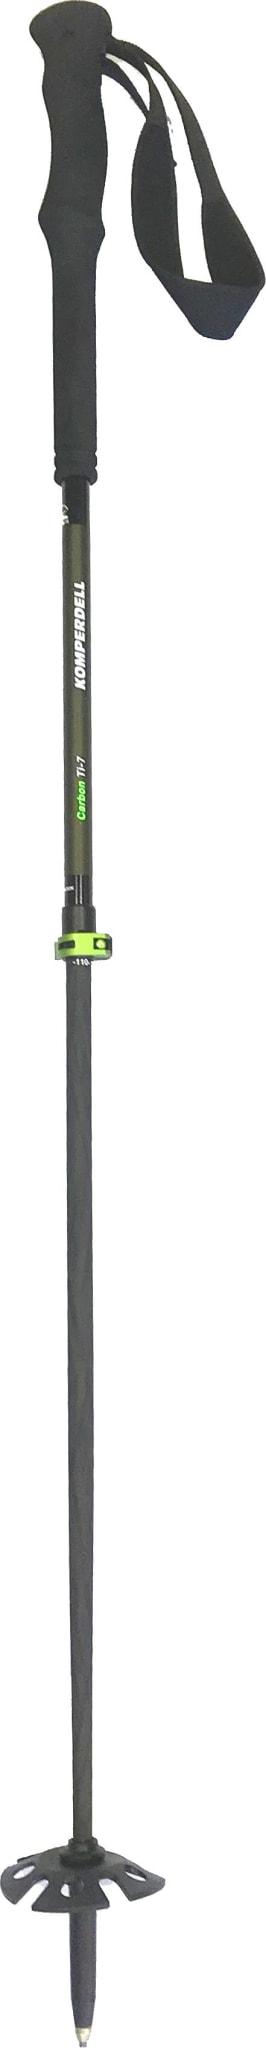 Lette kvalitetsstaver på 110-145 cm